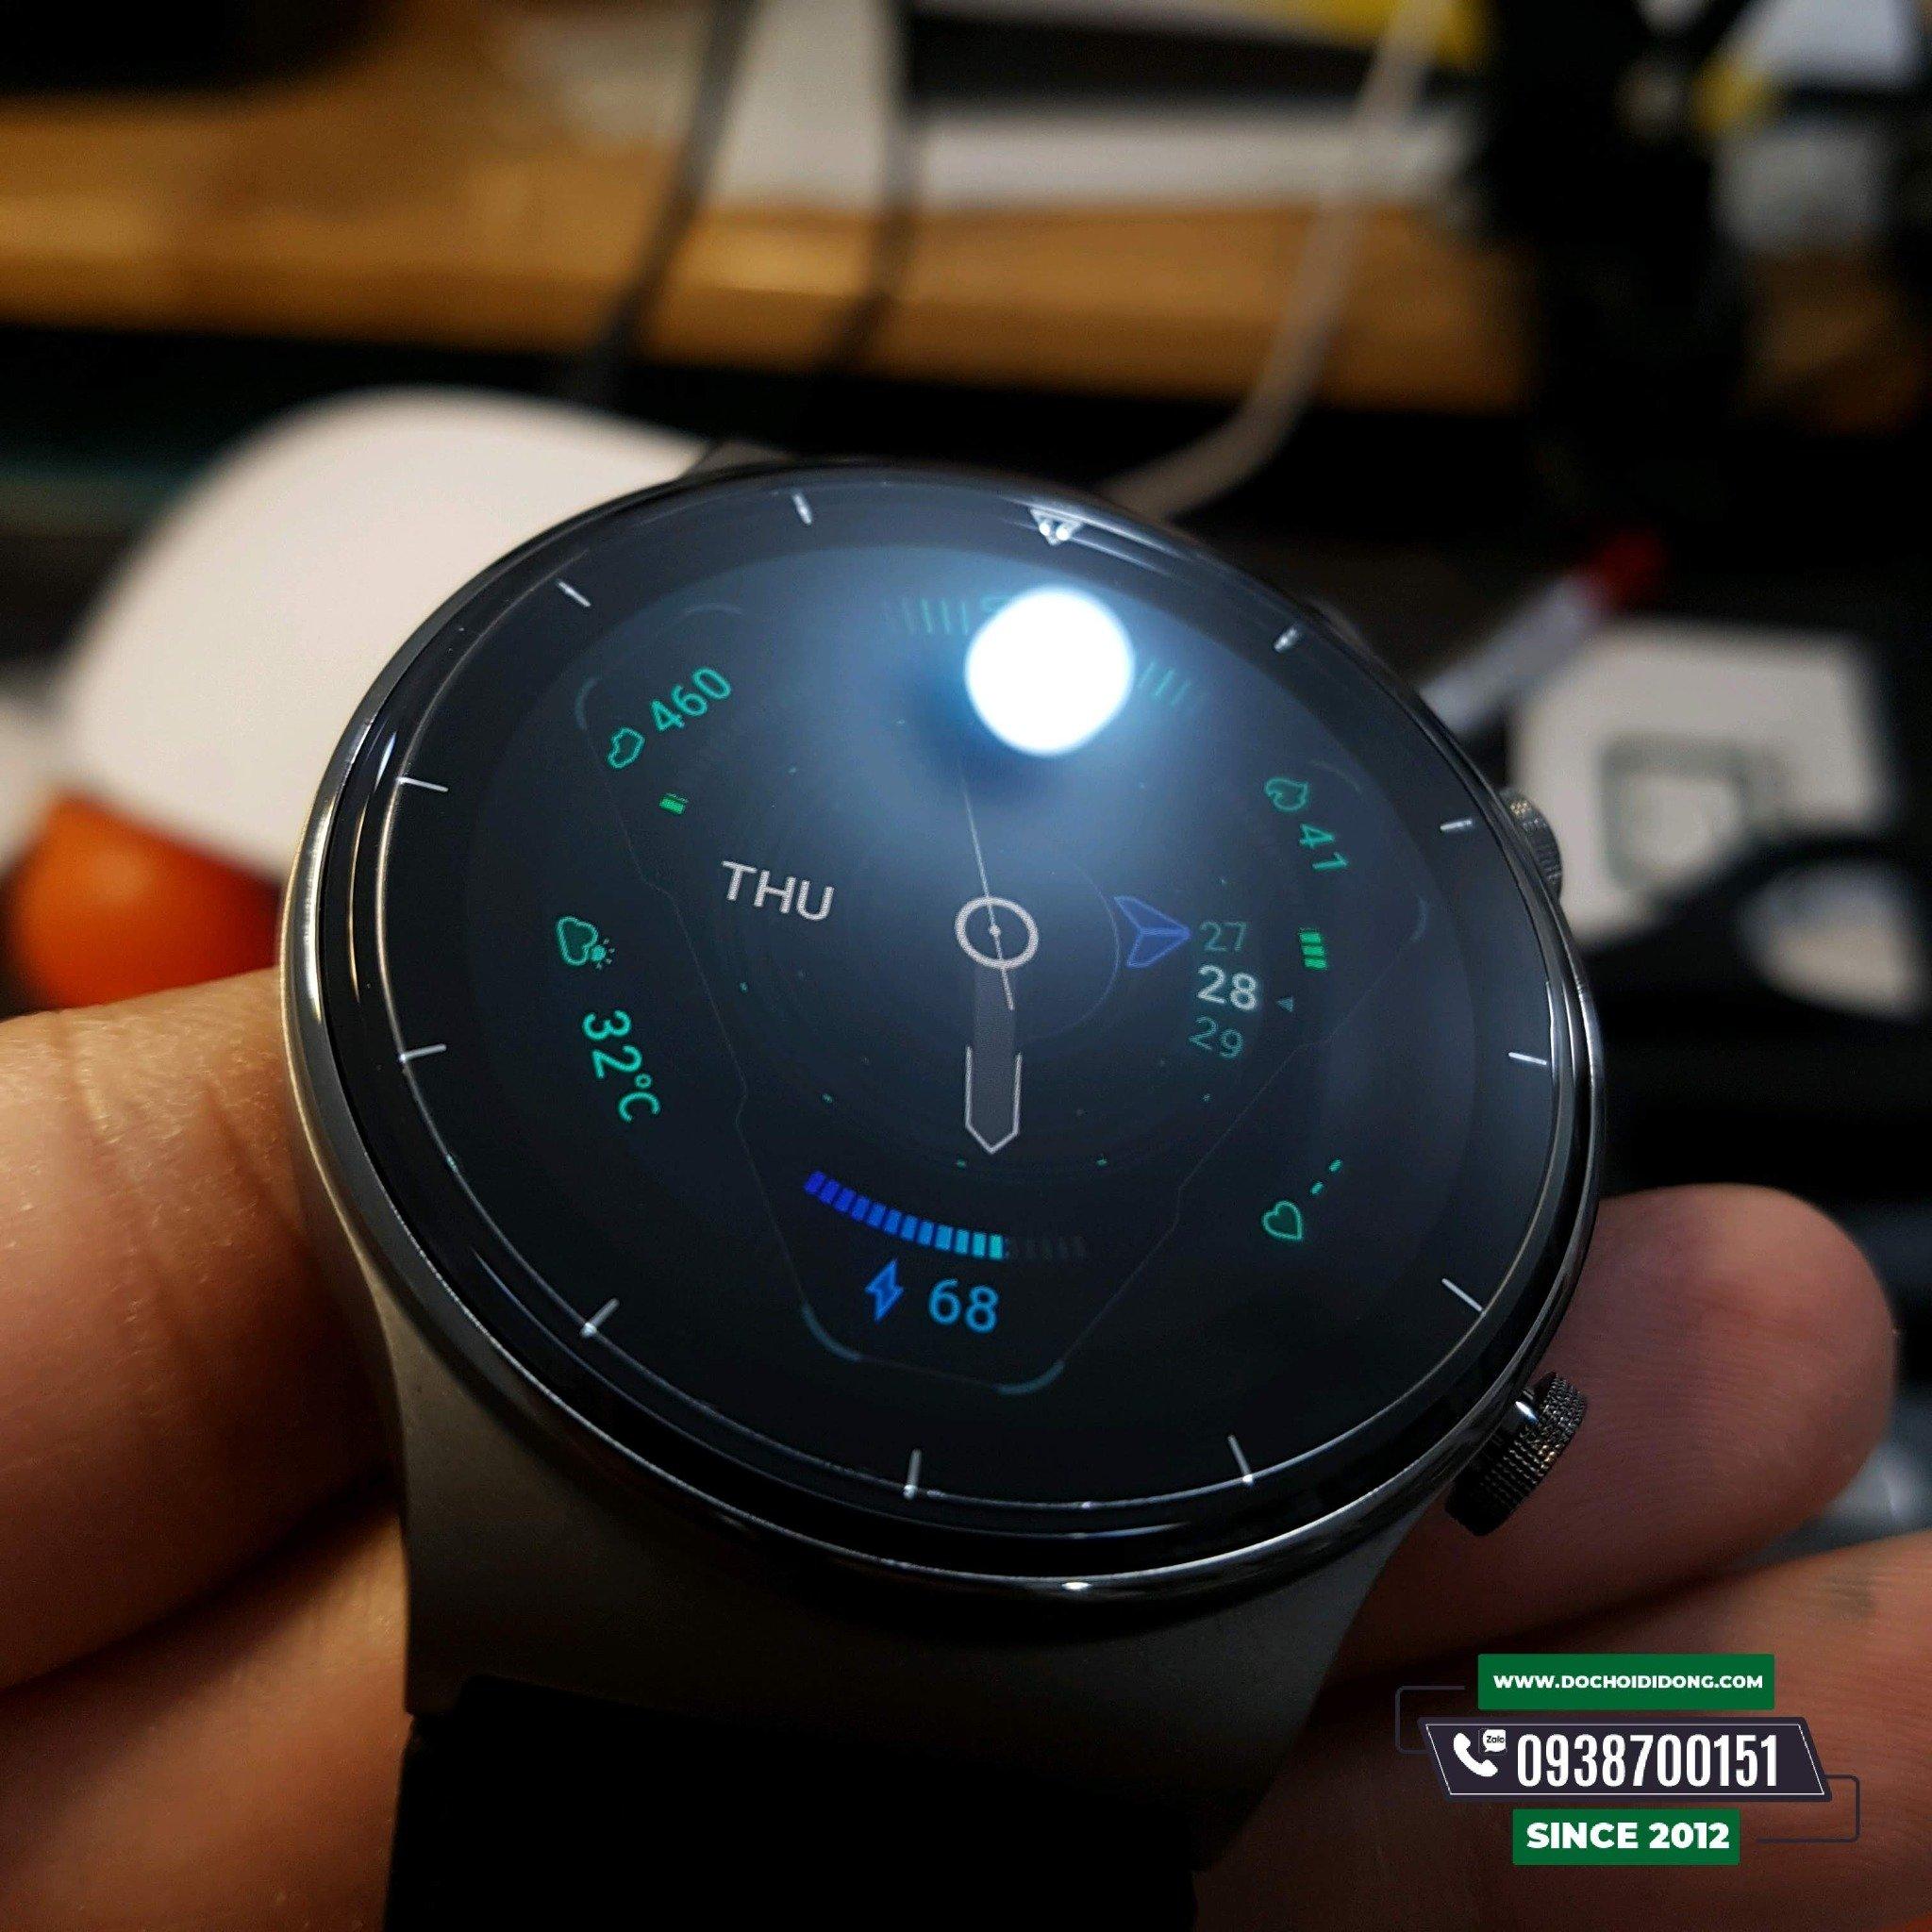 mieng-dan-cuong-luc-dong-ho-huawei-watch-gt2-46mm-gt2-pro-gor-9h-chinh-hang